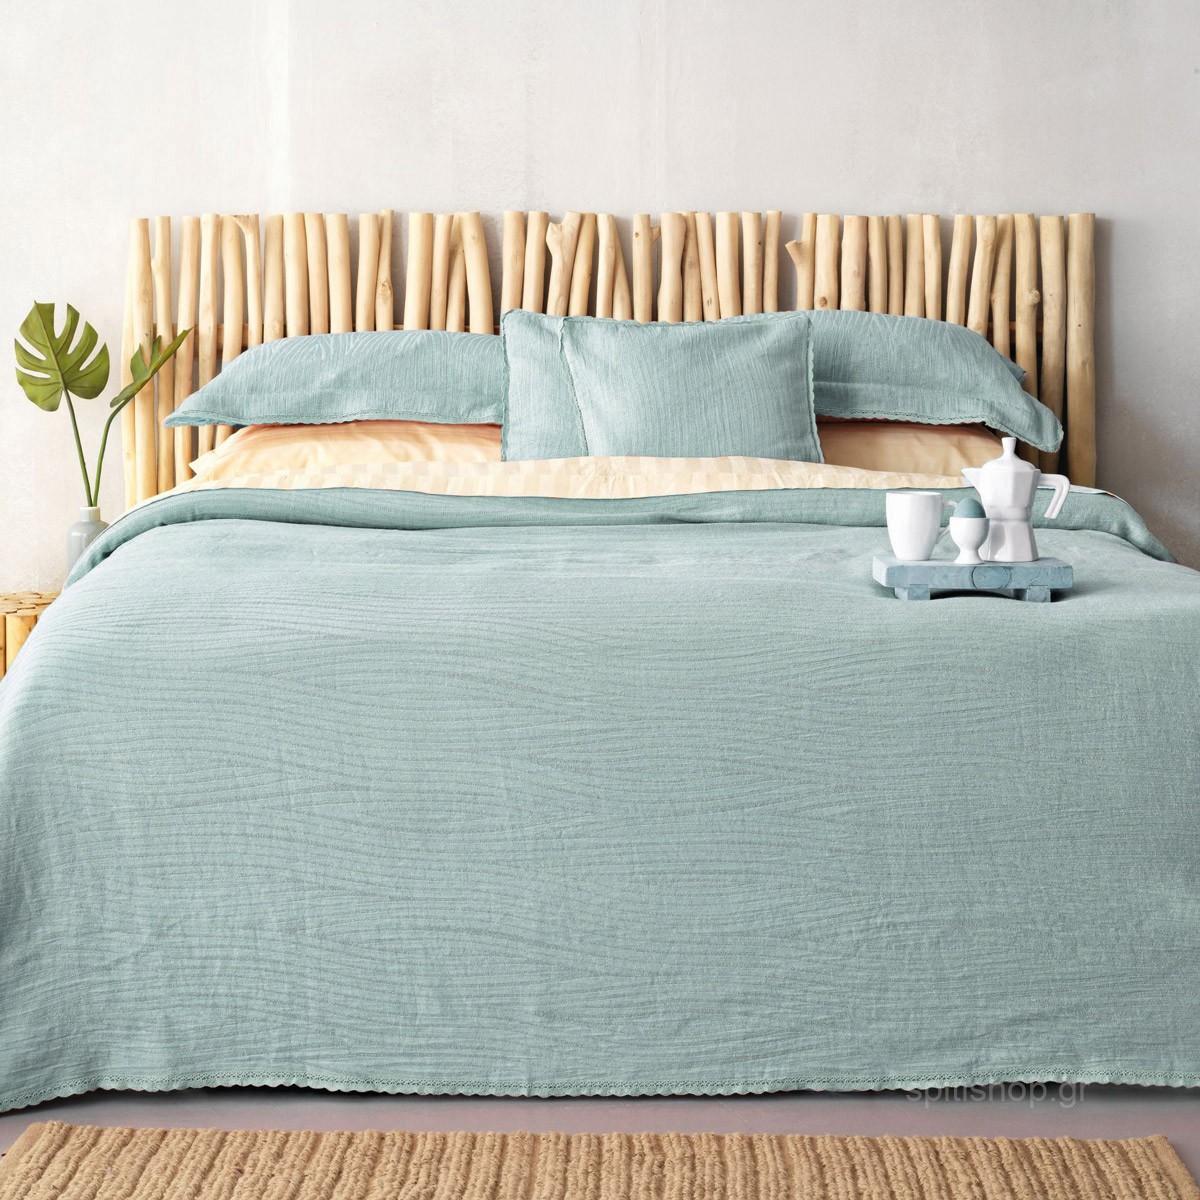 Κουβερτόριο Μονό Palamaiki Daily 1099 Blue home   κρεβατοκάμαρα   κουβέρτες   κουβέρτες καλοκαιρινές μονές